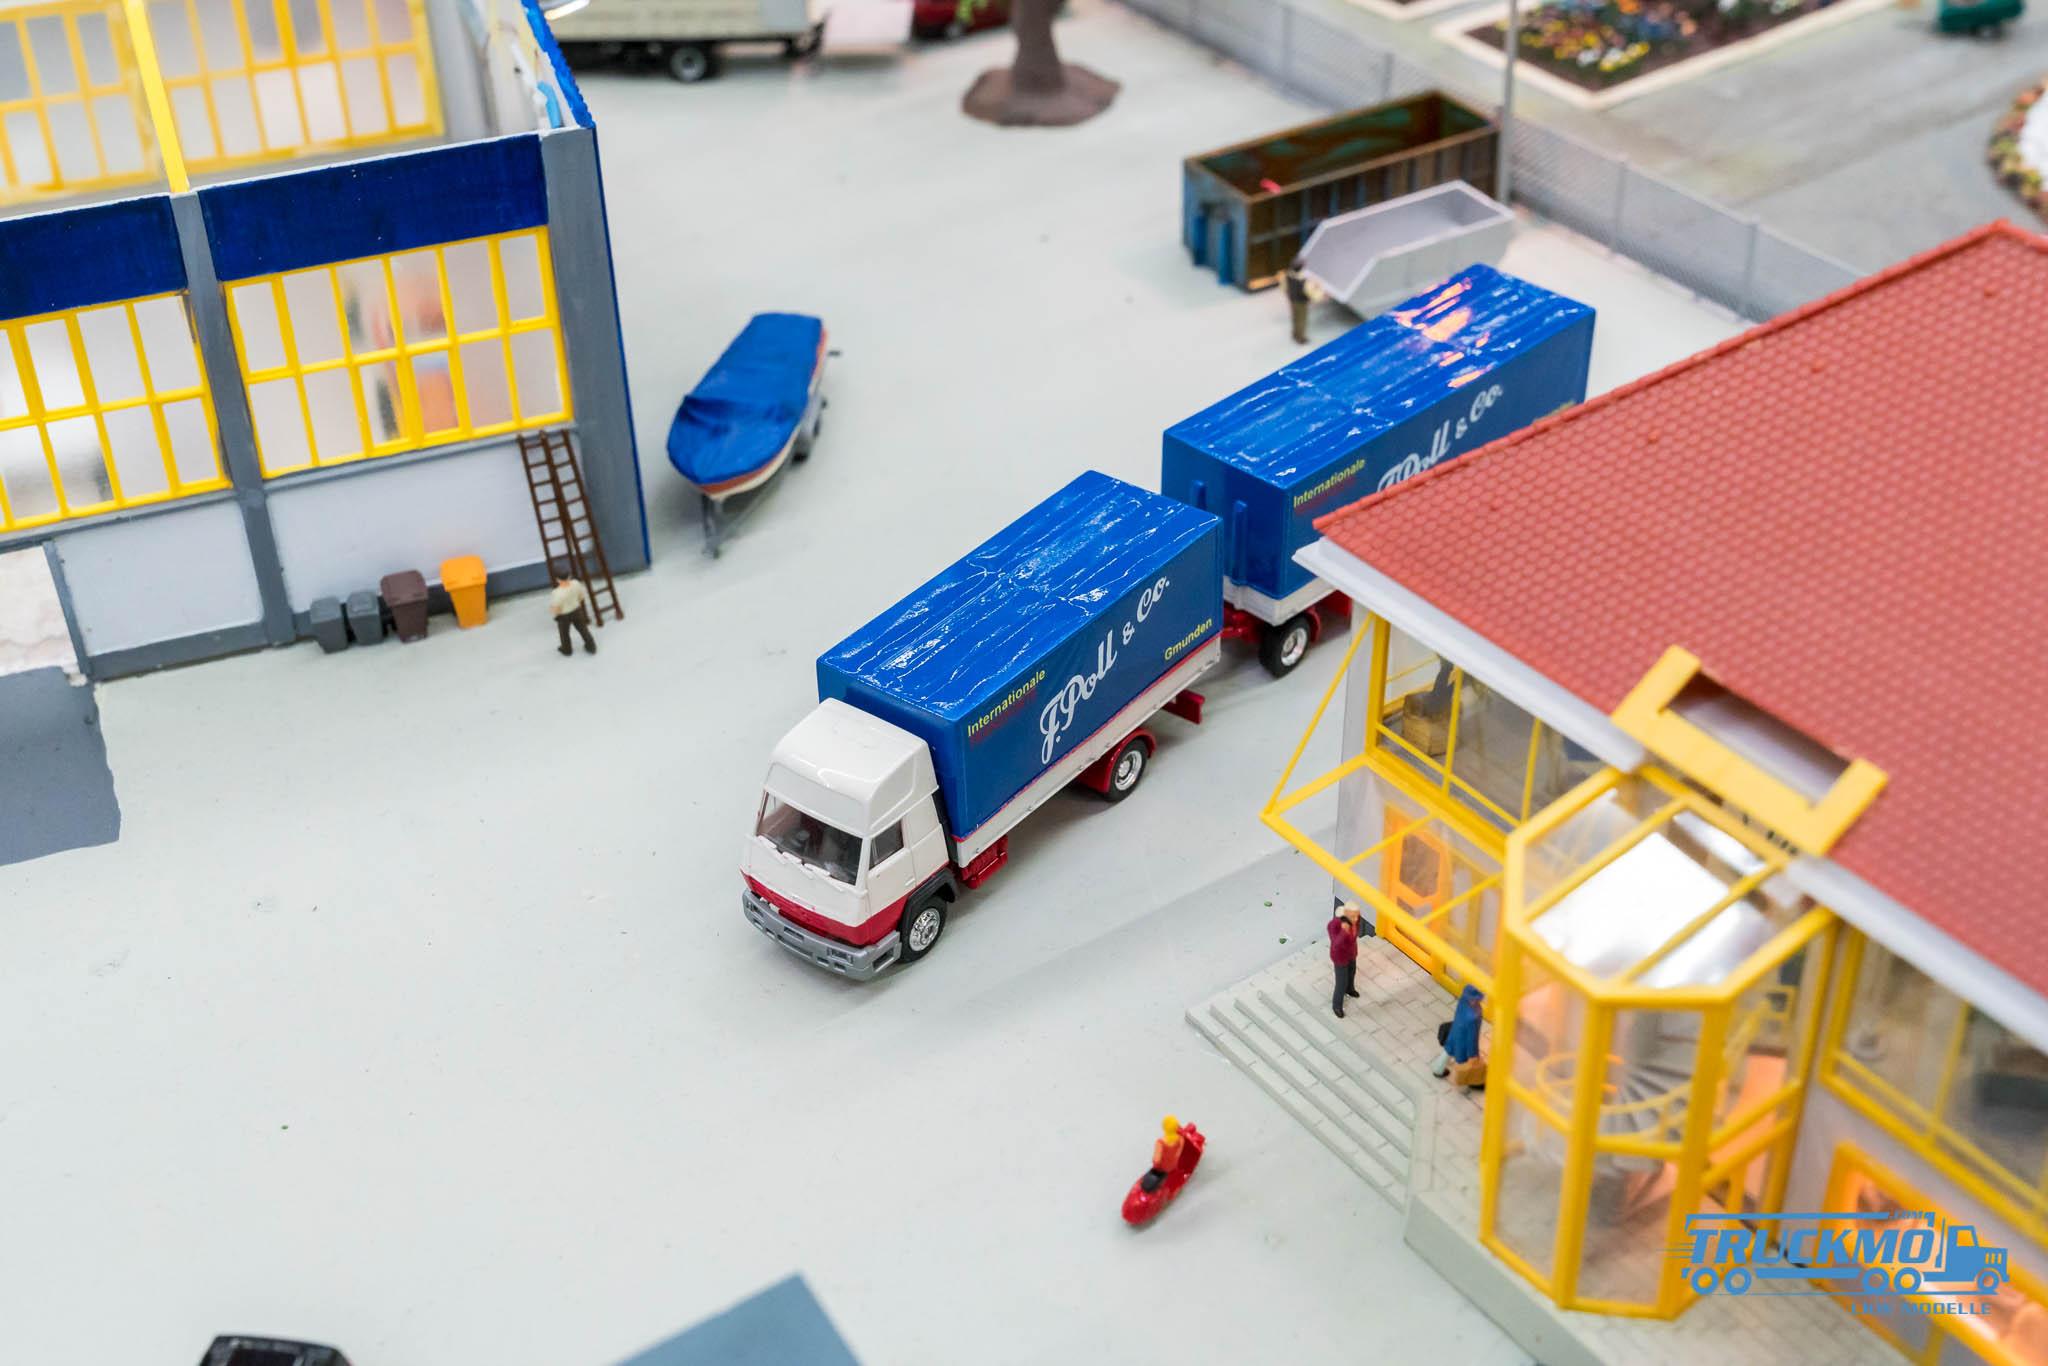 Truckmo_Modellbau_Ried_2017_Herpa_Messe_Modellbauausstellung (269 von 1177)